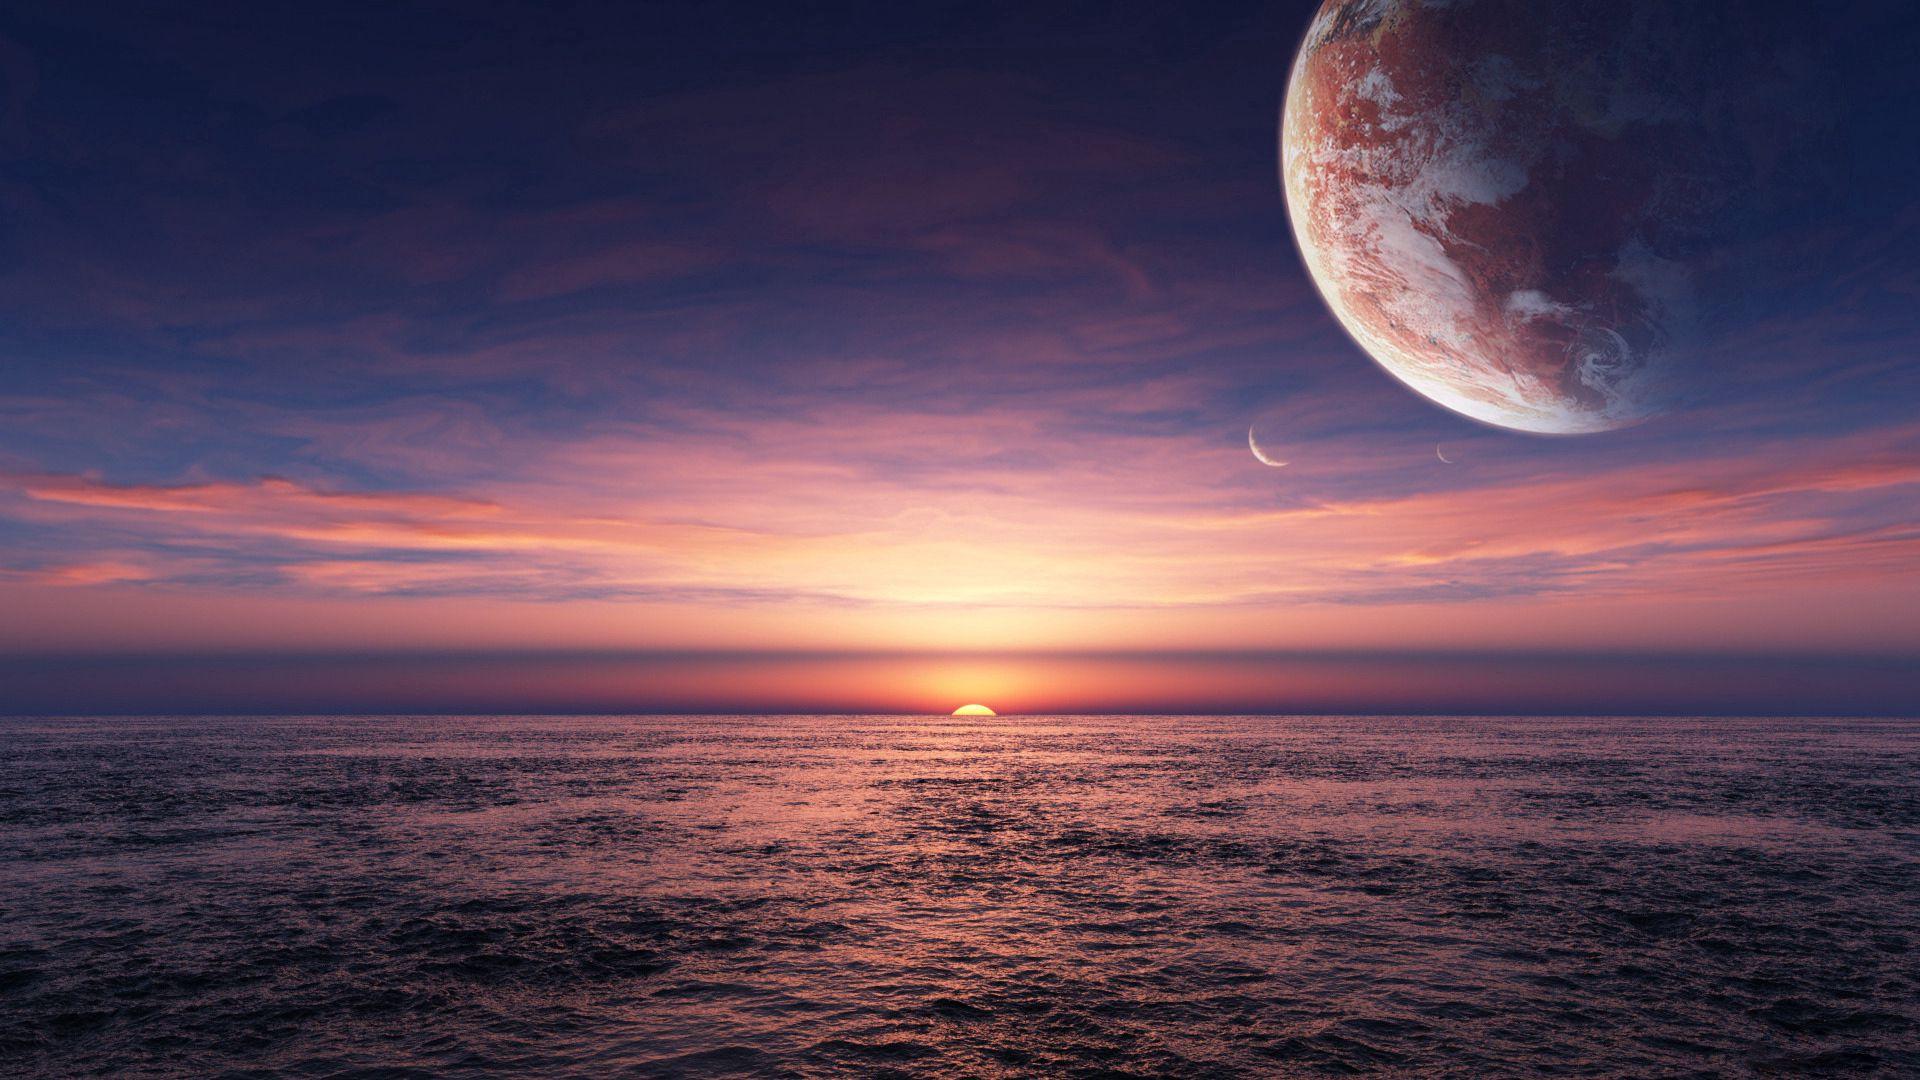 82663 скачать обои Космос, Море, Планета, Горизонт - заставки и картинки бесплатно